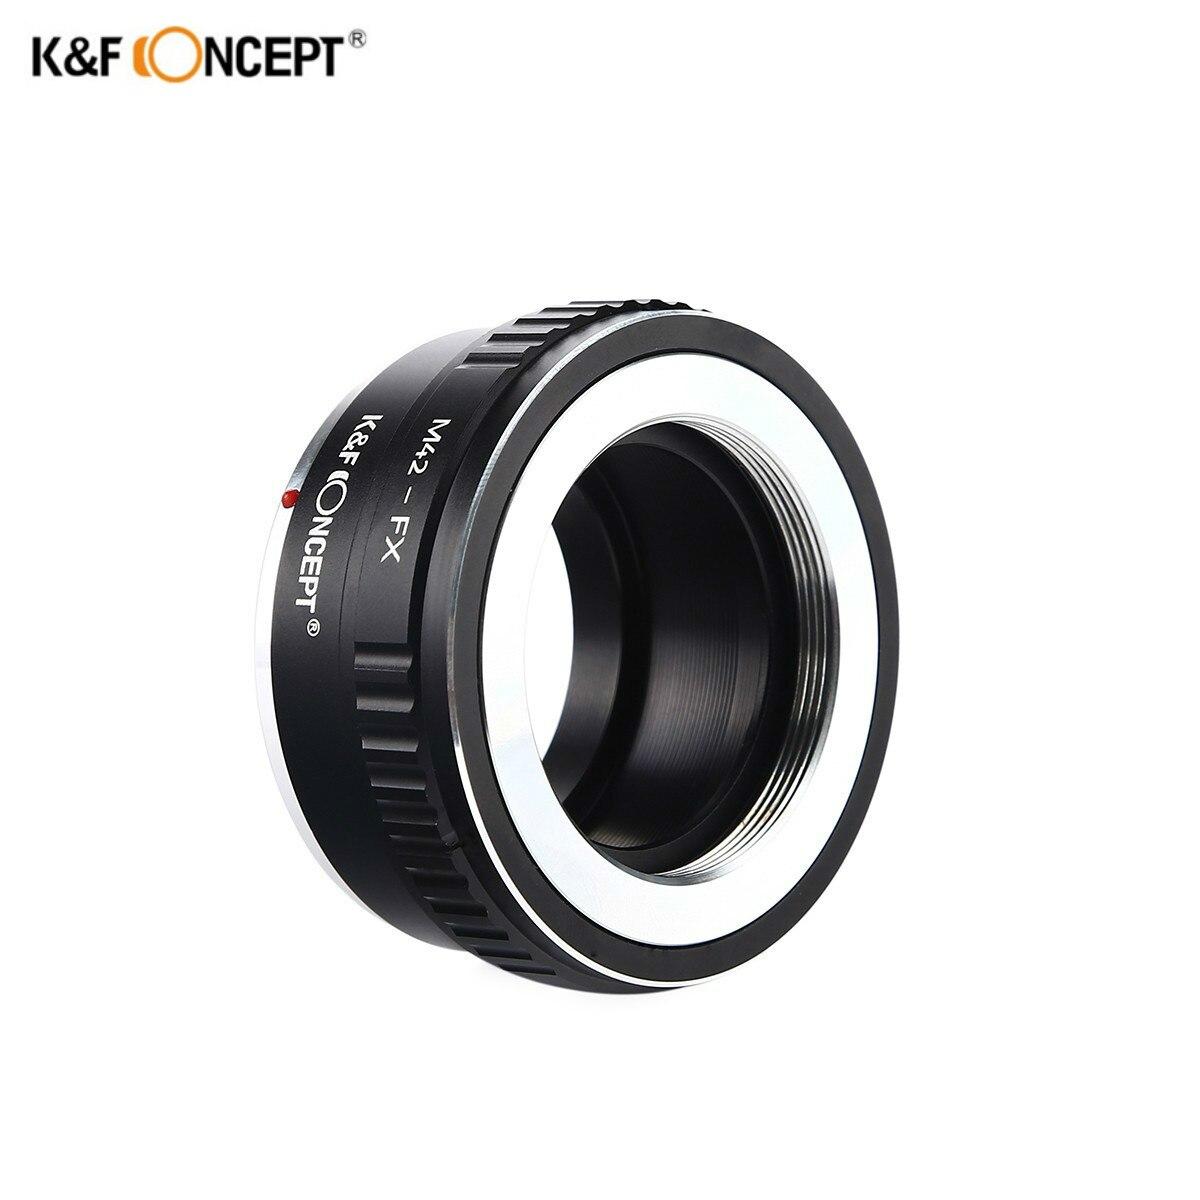 K & F CONCEPT M42-FX Bague D'adaptation D'objectif pour M42 Montage Vis Lens pour Fujifilm X Mont Fuji X-Pro1 X-M1 x-E1 X-E2 Caméra